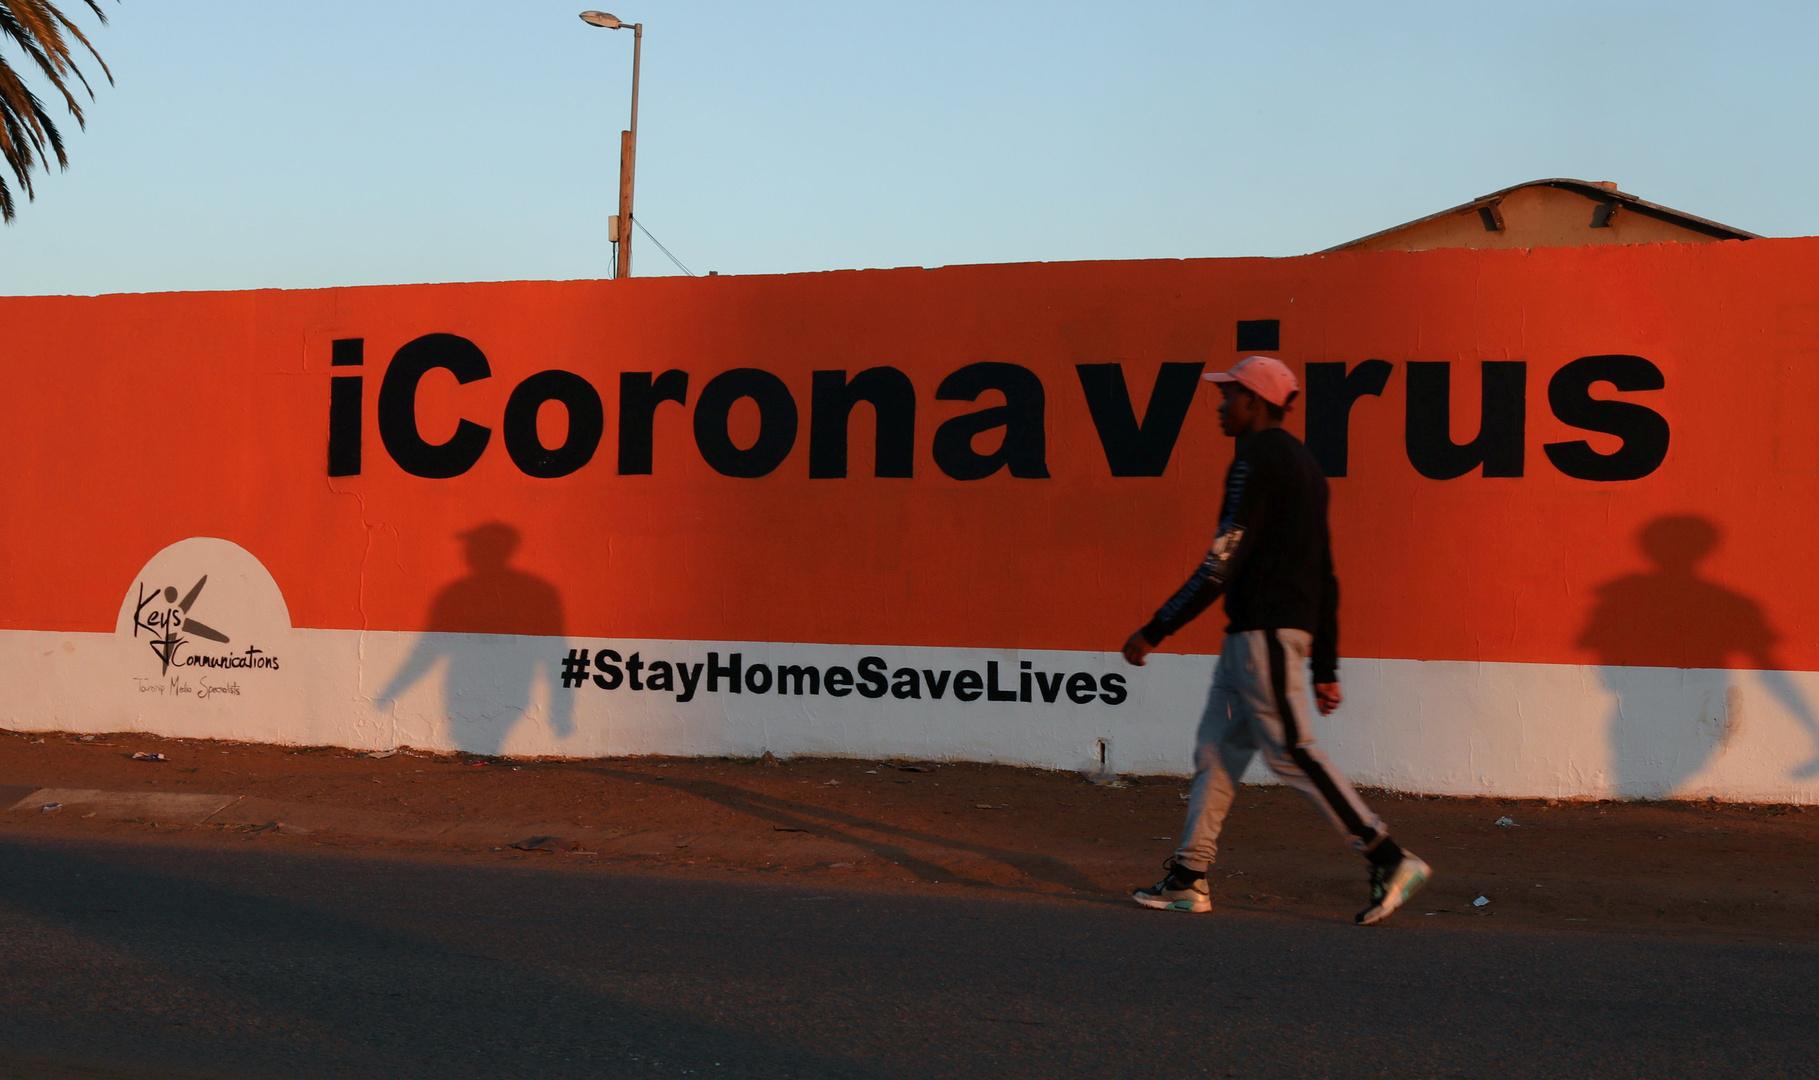 إفريقيا.. حصيلة إصابات كورونا تجاوزت 176800 حالة ووفياته 5 آلاف